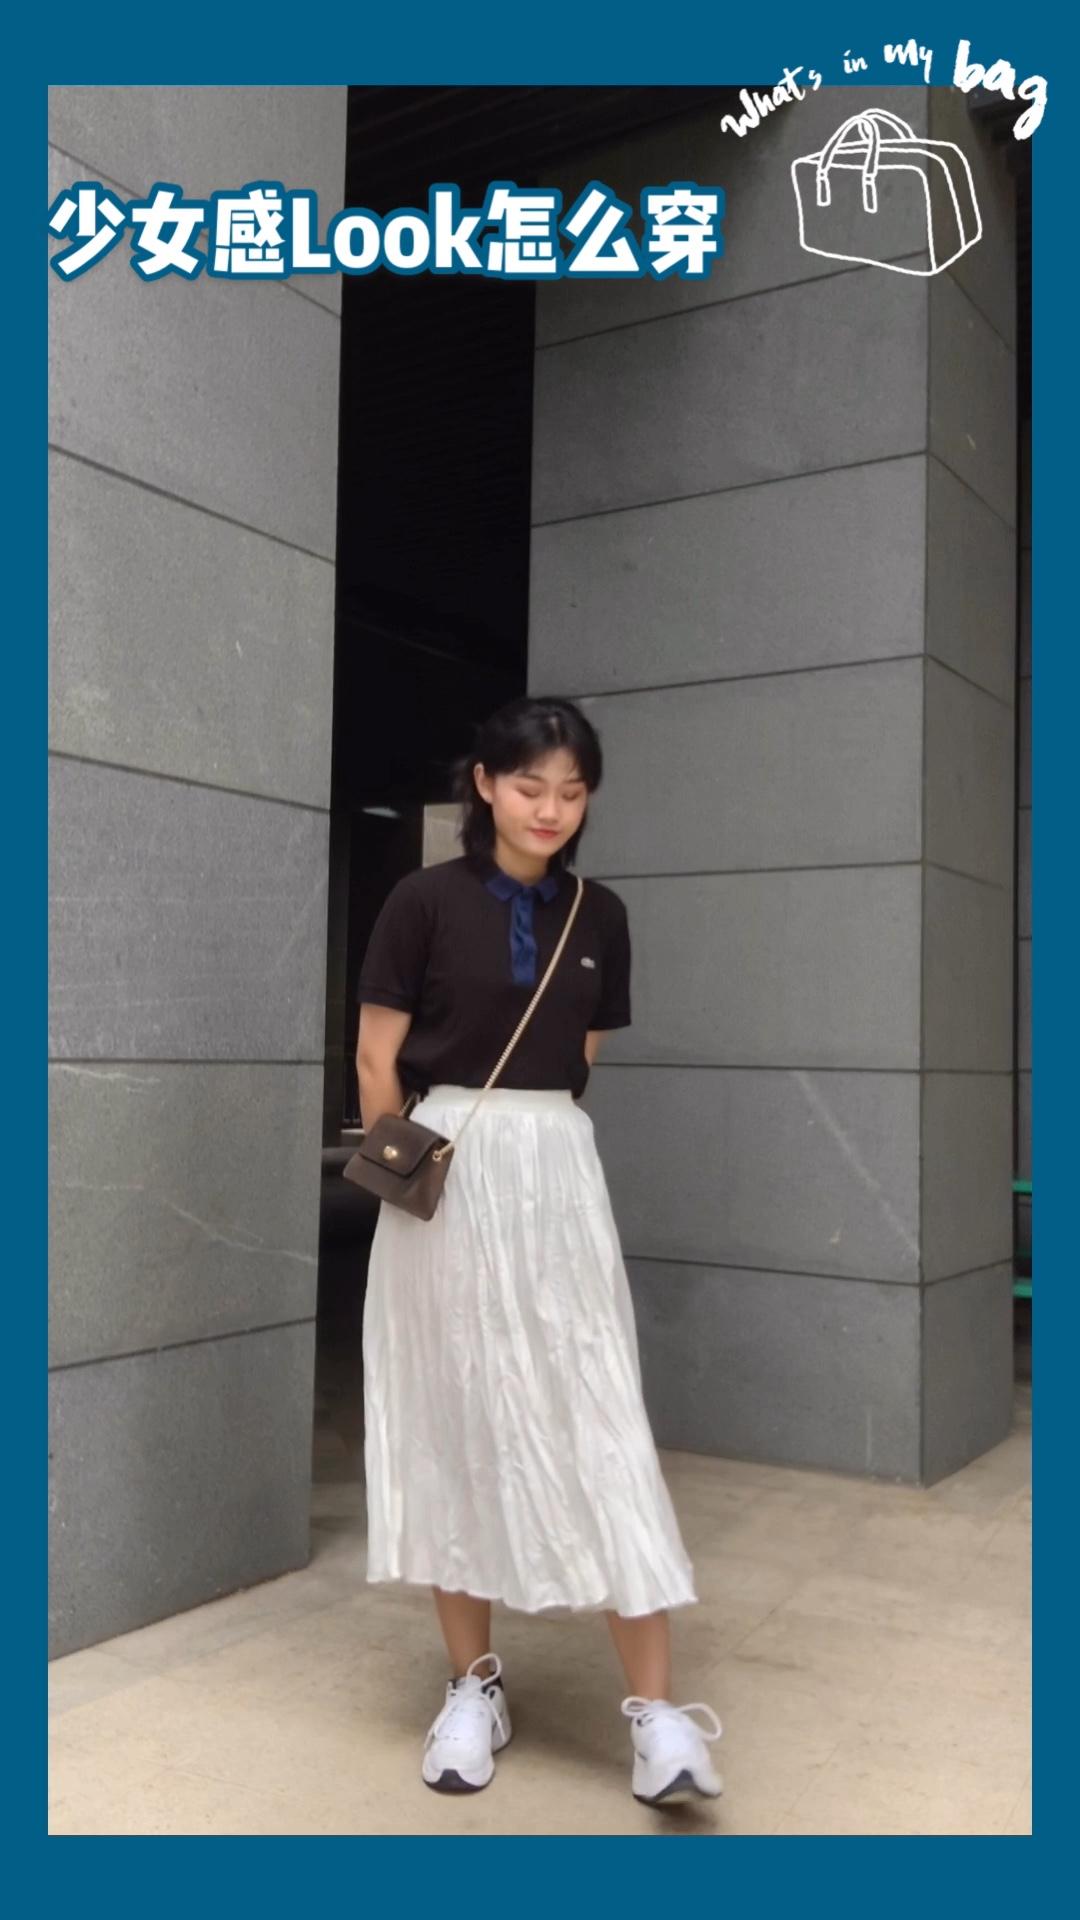 今日是乖乖少女风~ polo配上纯白裙子超级学院风!元气满满哦! #日常时髦经:舒服最重要!#